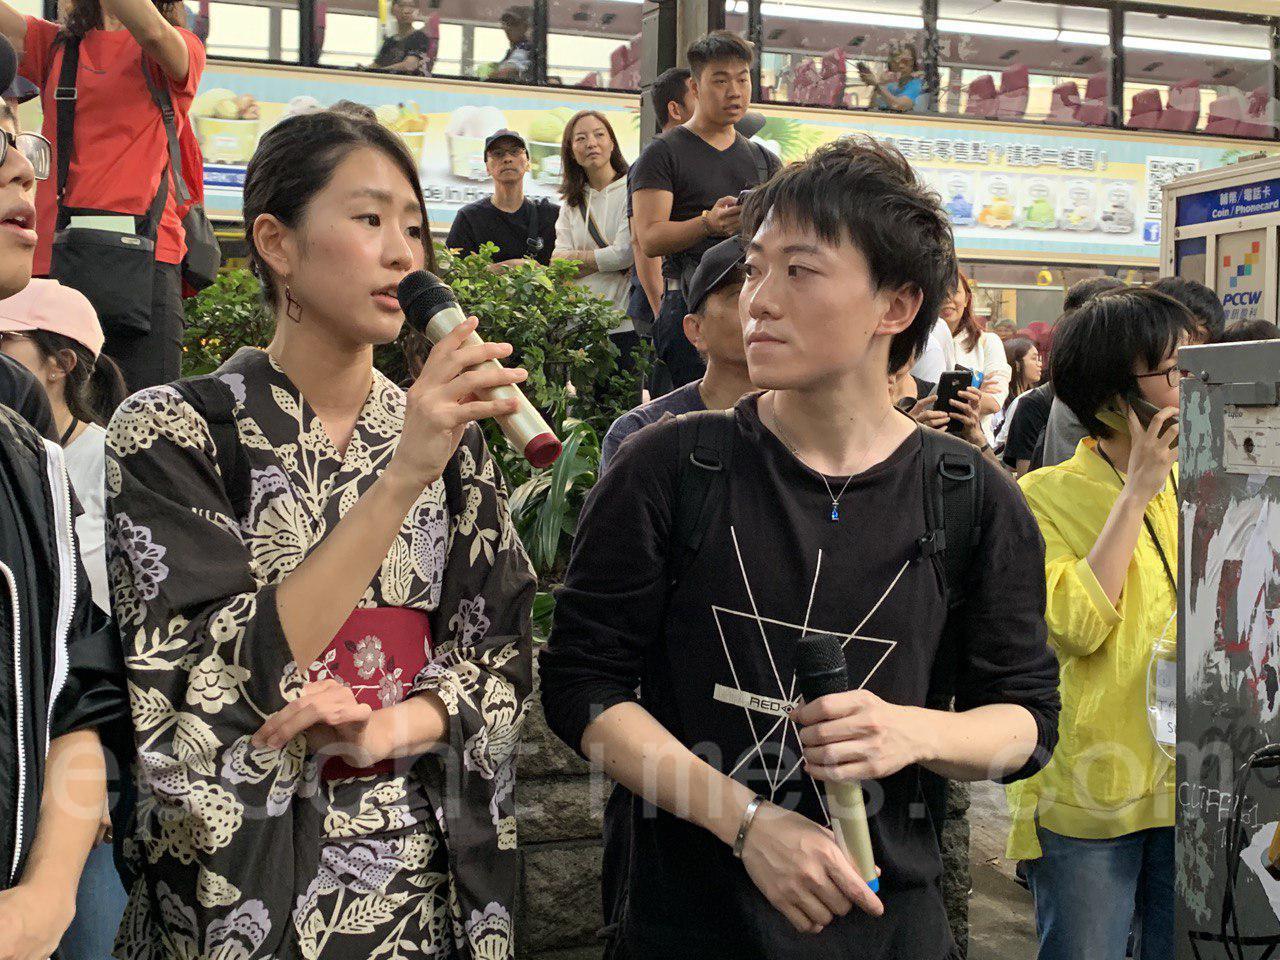 2日下午,香港市民在尖沙嘴舉行集會。來自日本的平野鈴子參與集會,表示與香港人一起堅持到最後。(葉依帆/大紀元)